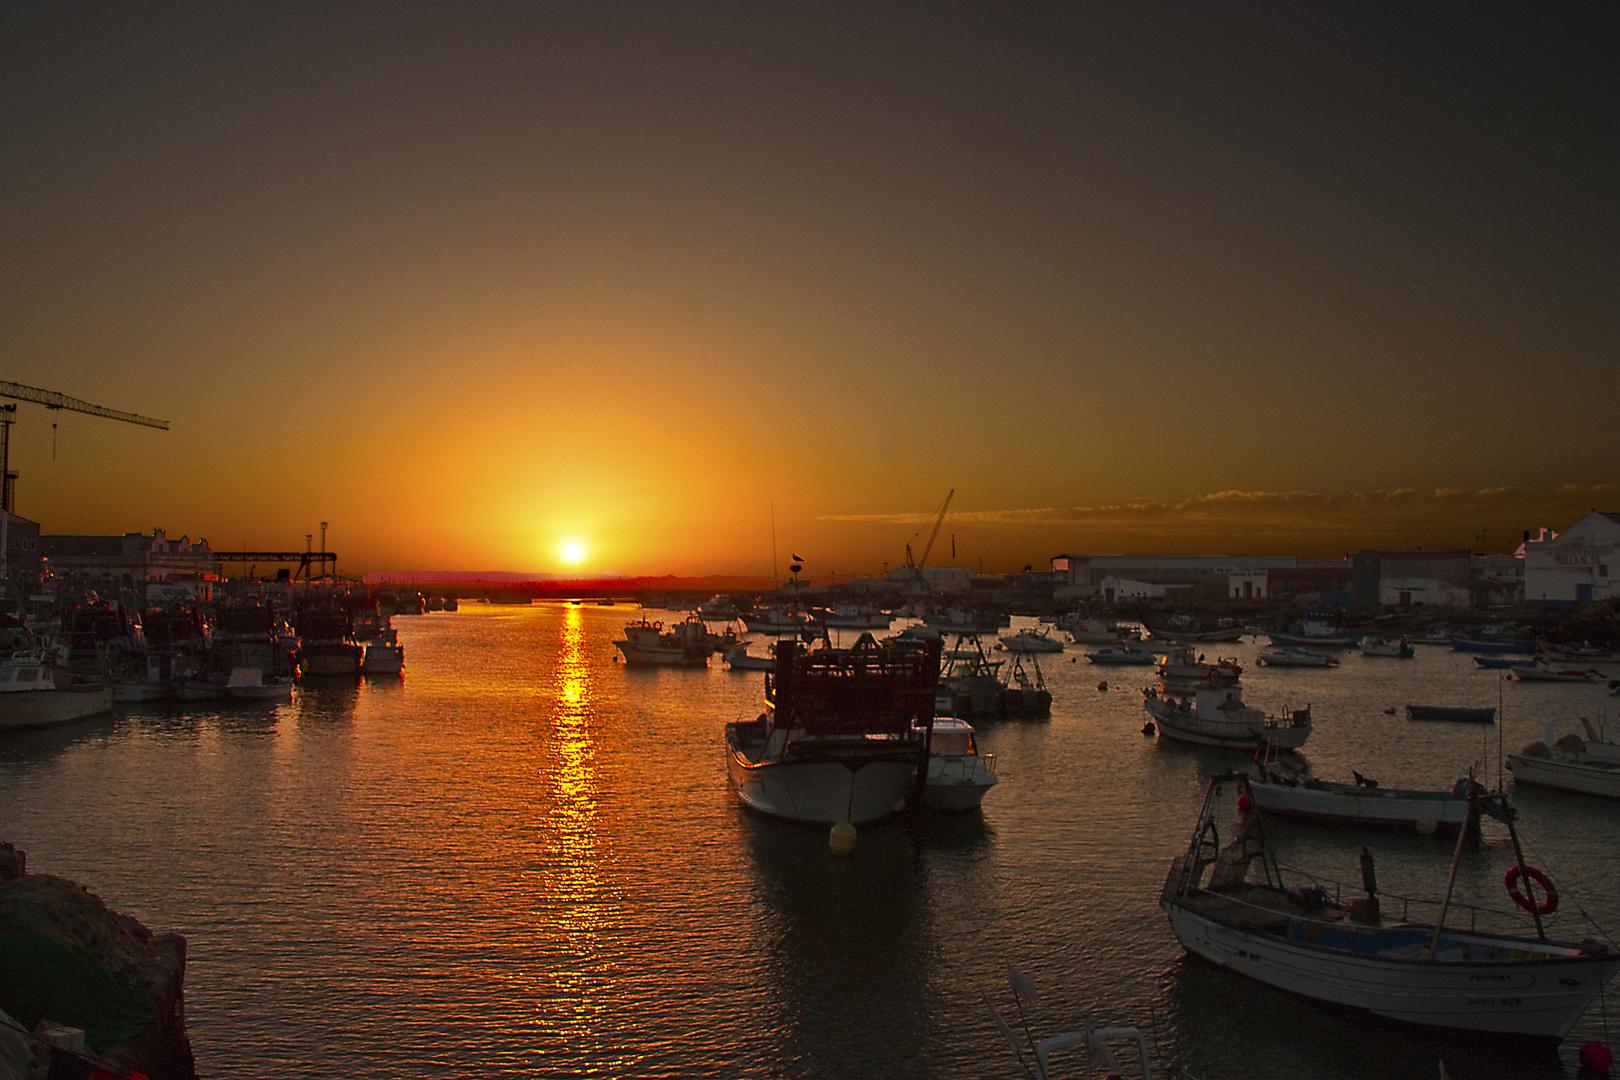 Se acerca la noche en el puerto (para estrella)